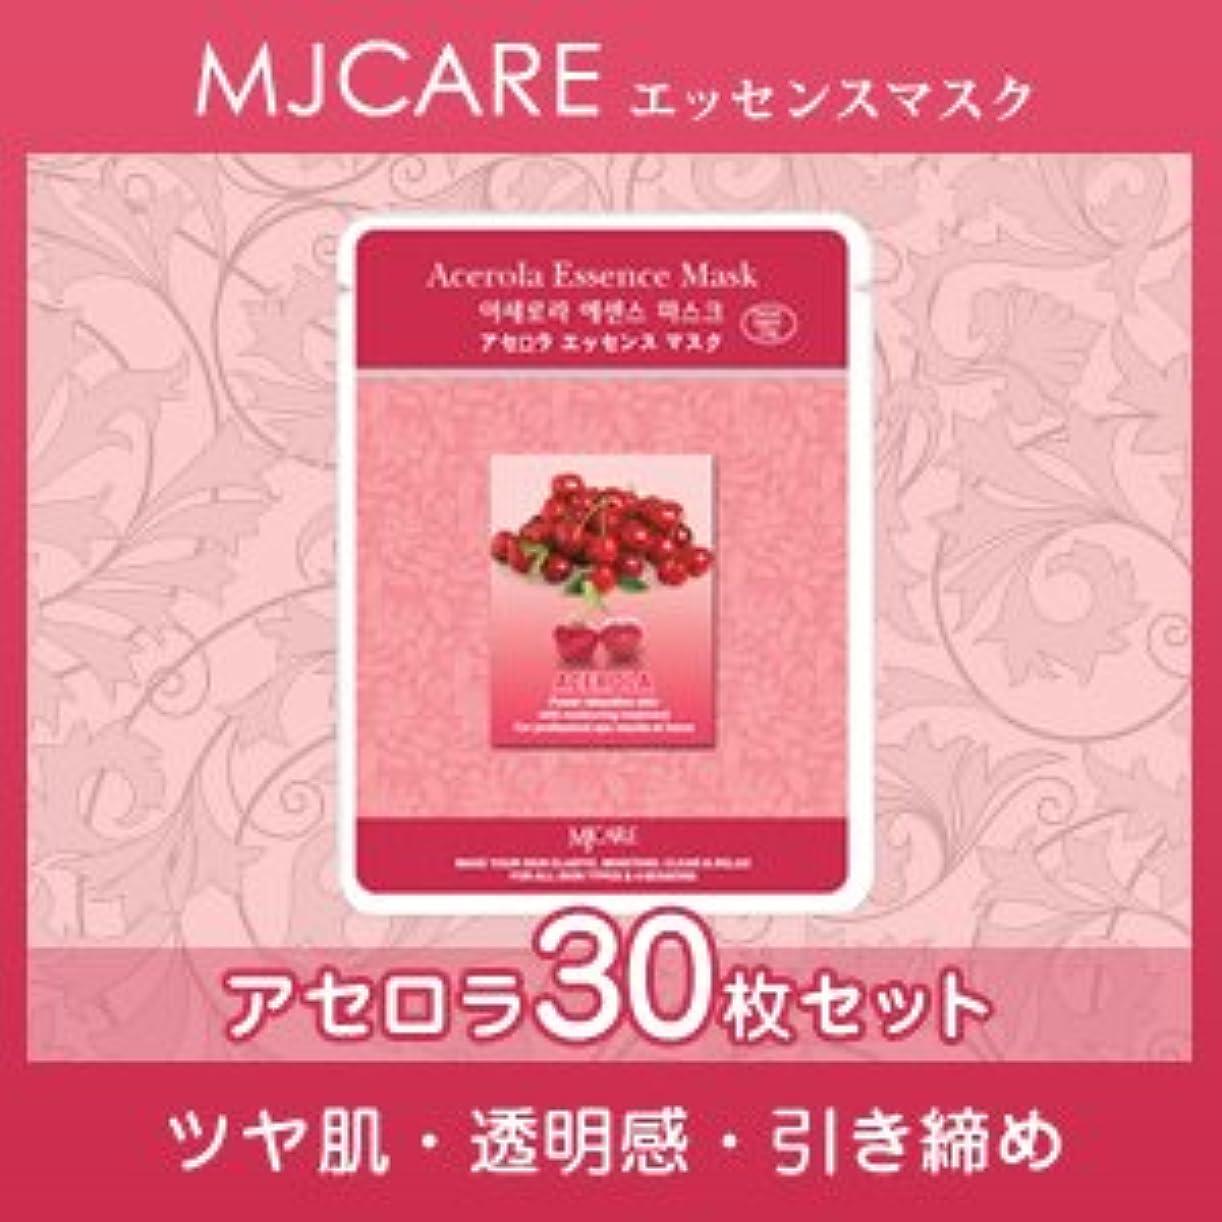 知覚希少性キルトMJCARE (エムジェイケア) アセロラ エッセンスマスク 30セット